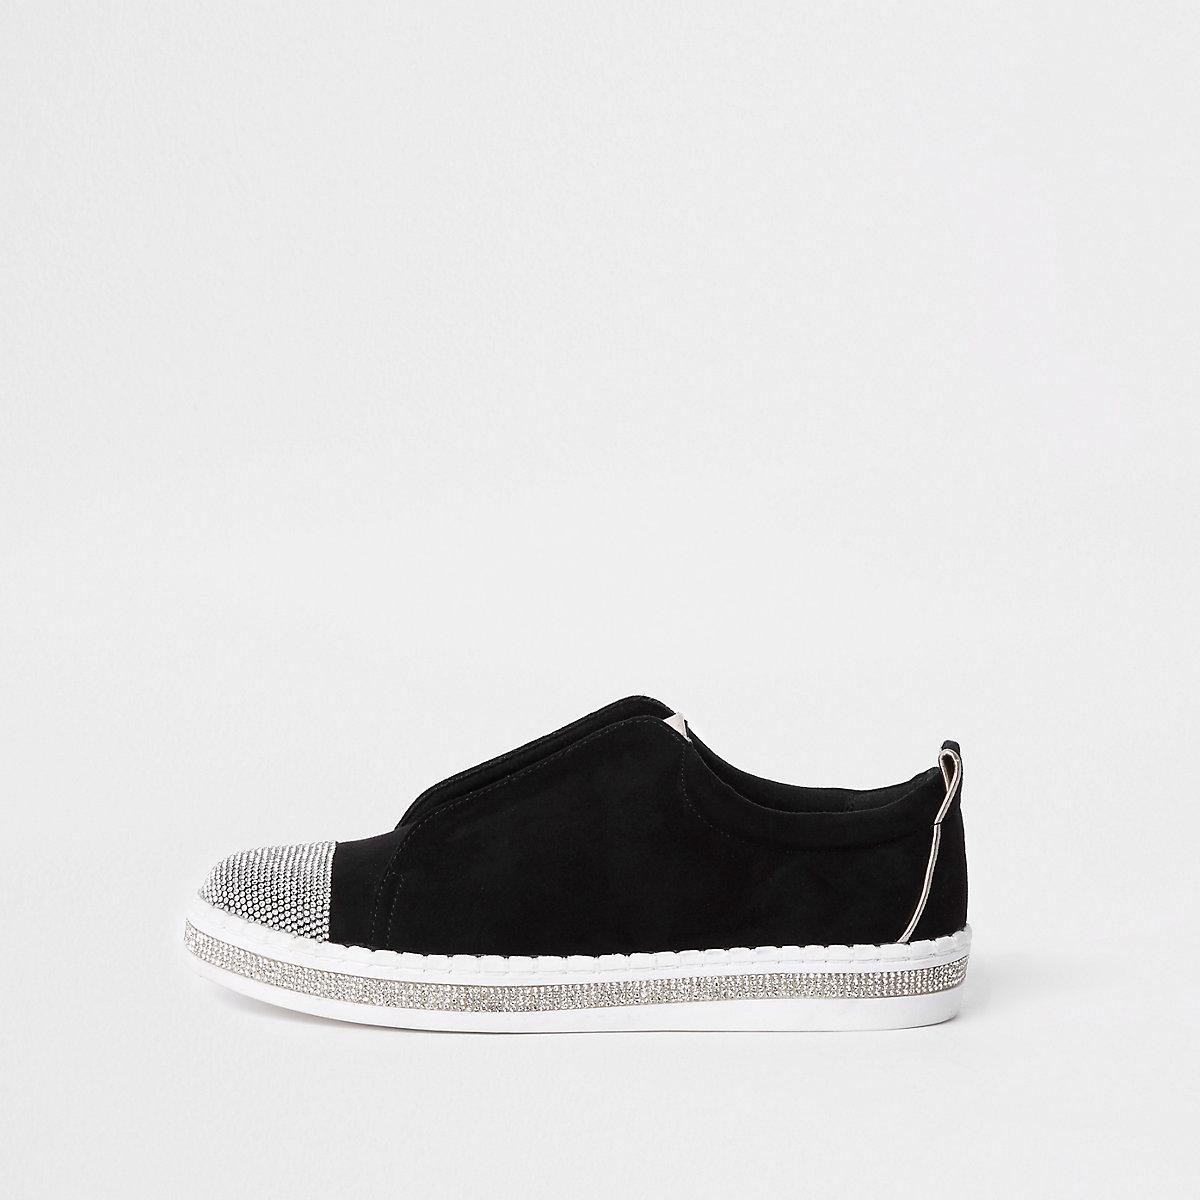 Baskets noires ornées de strass